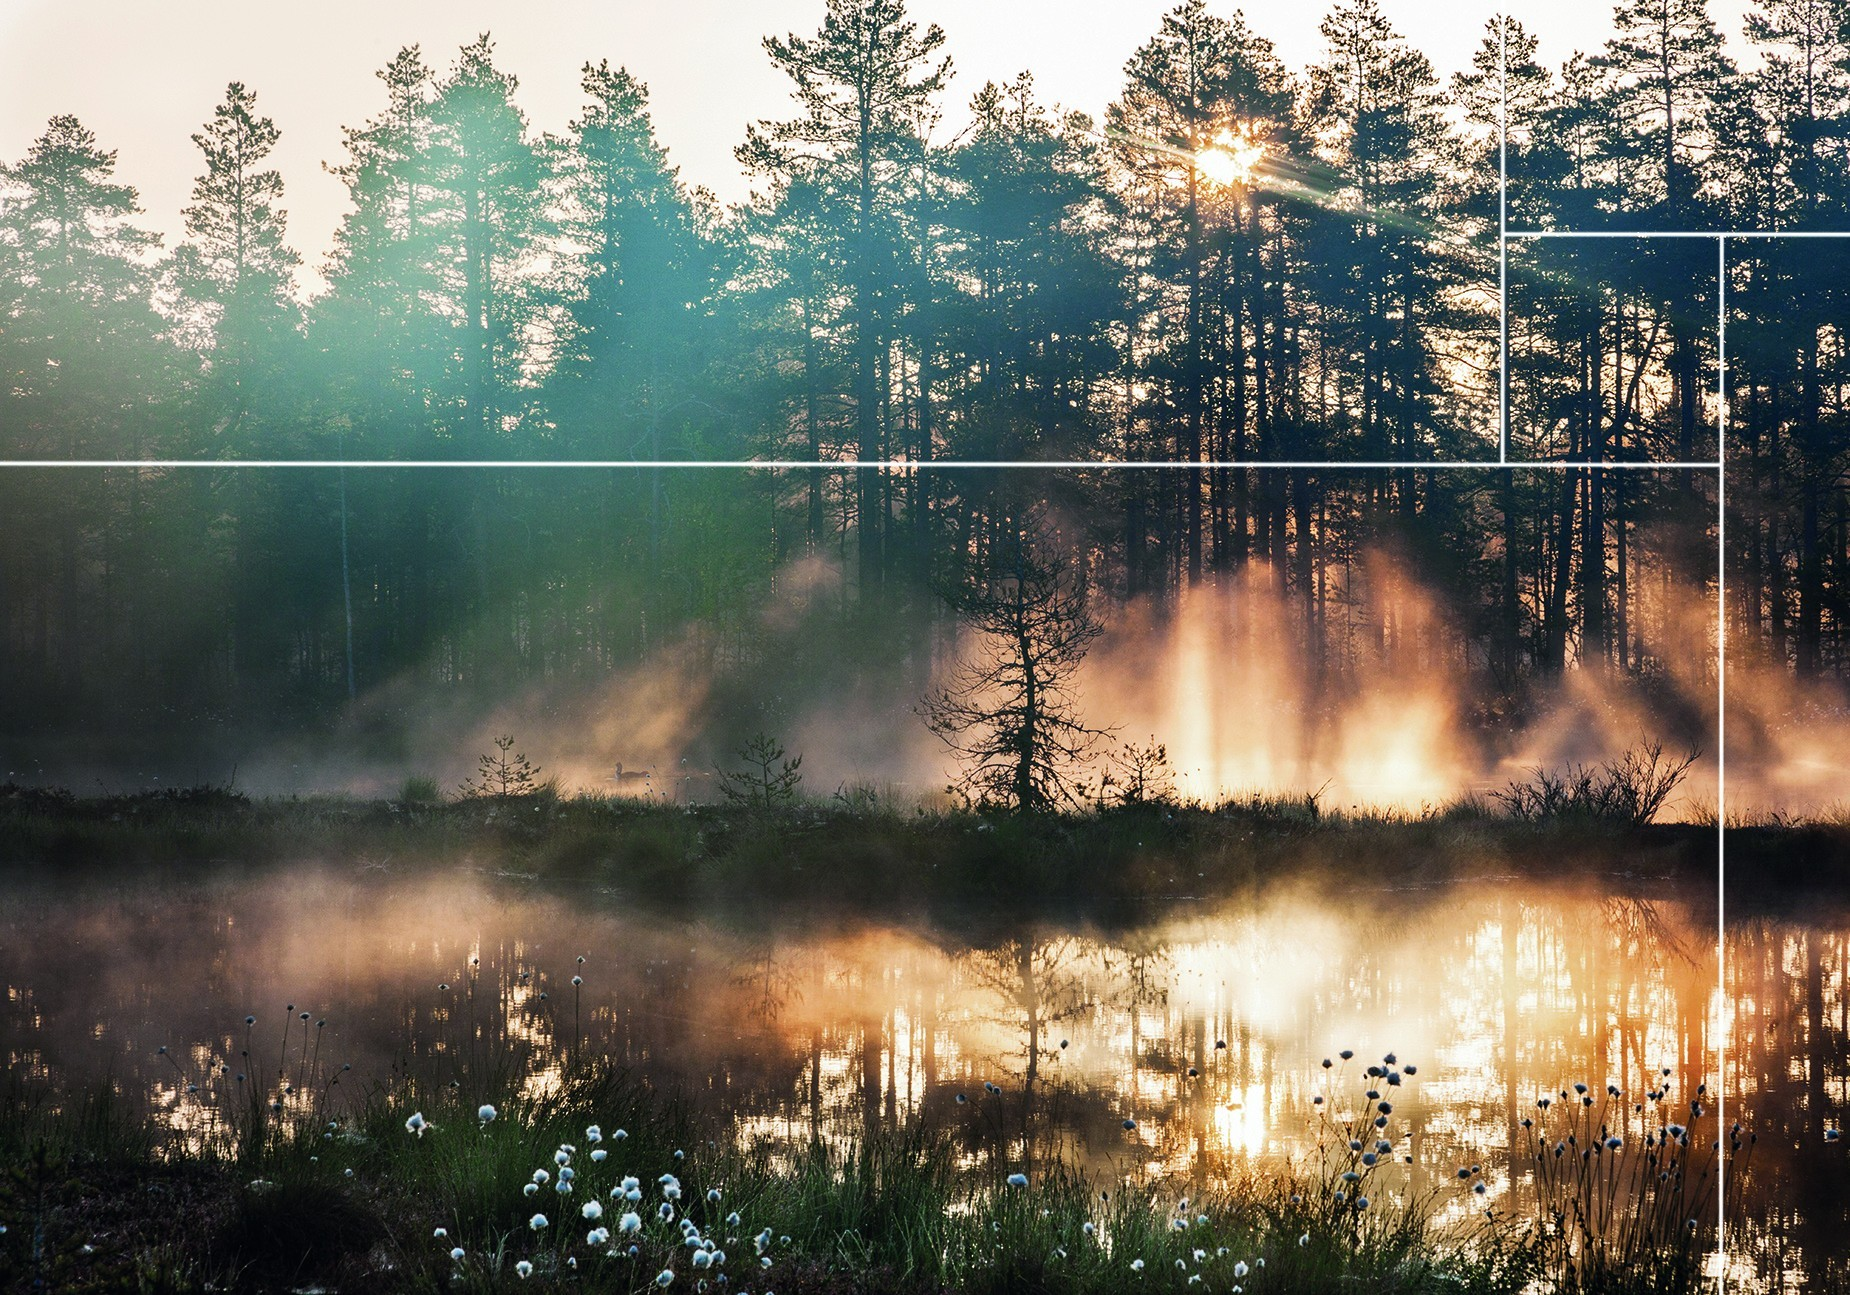 Bekijk de wand stalen van de Oulanka Forest collectie |Nature@home